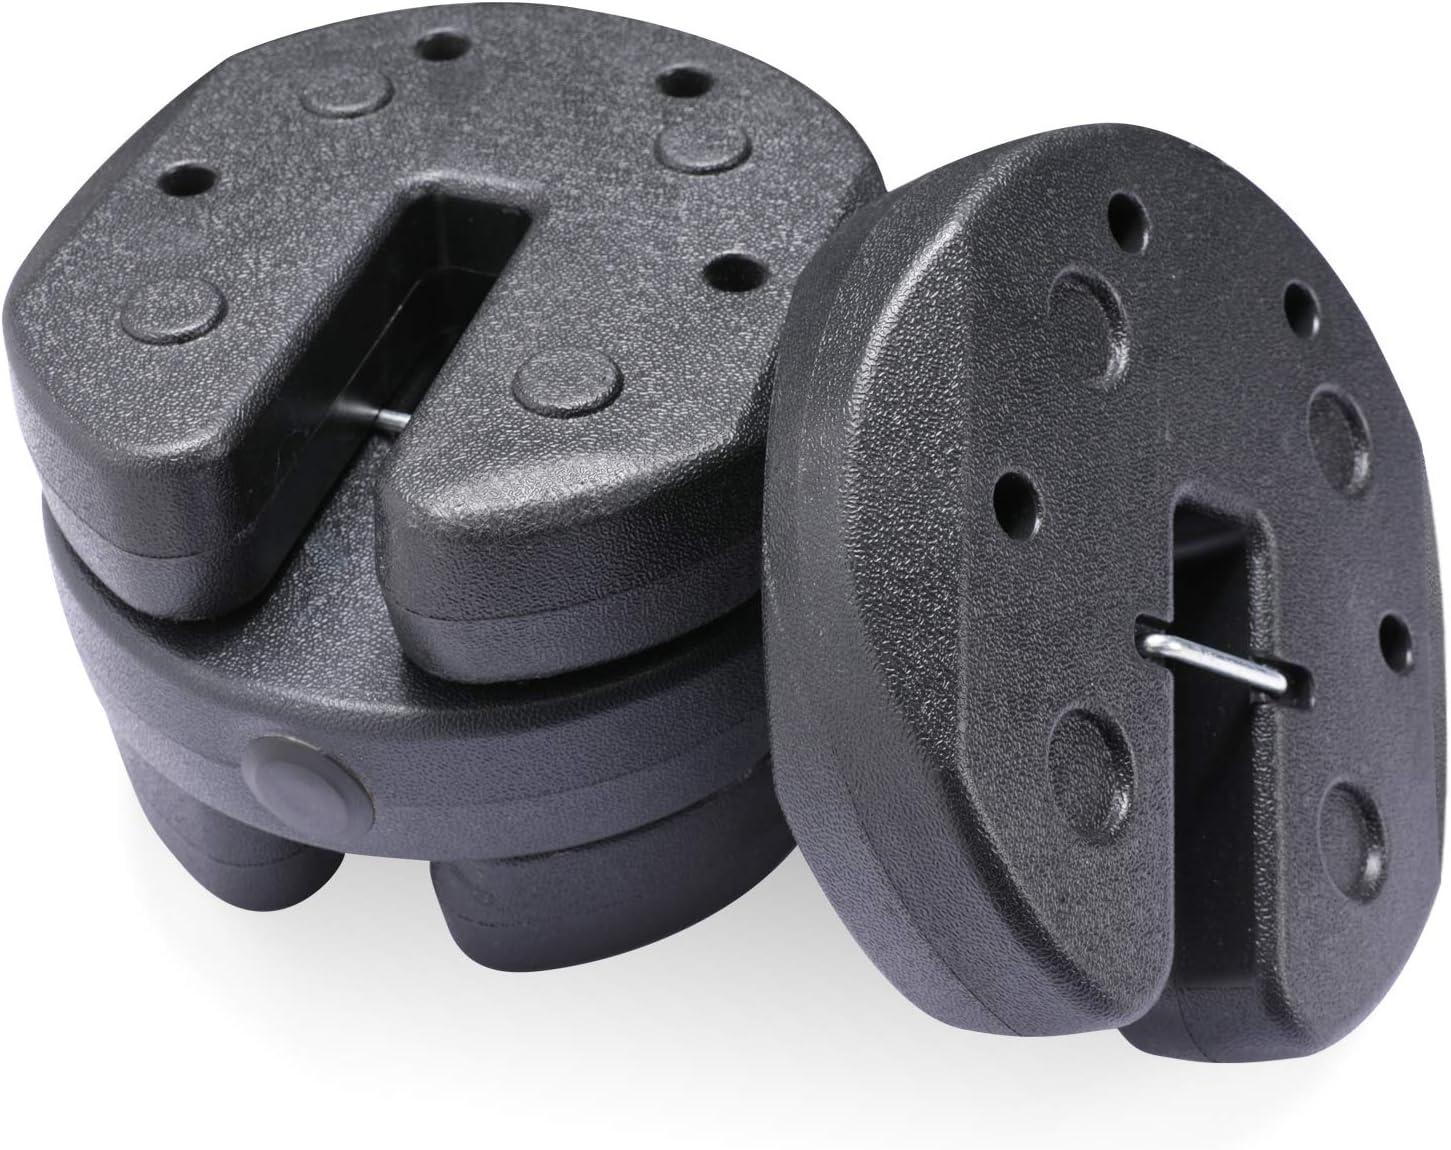 Weights Interchangeable Pop-Ups K-Karp